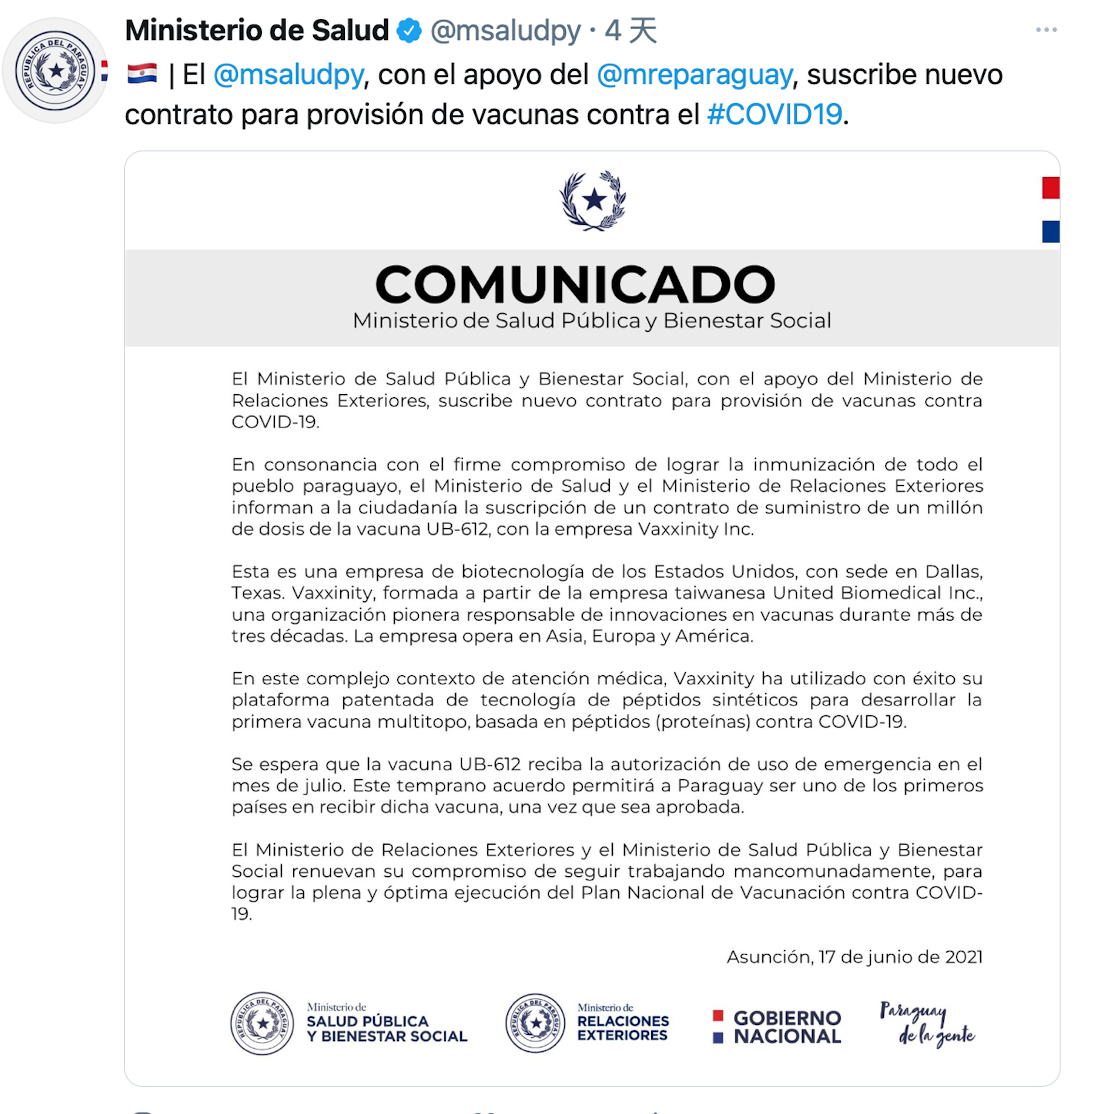 [新聞] 巴拉圭買聯亞疫苗惹民怨 網友怒轟:拒